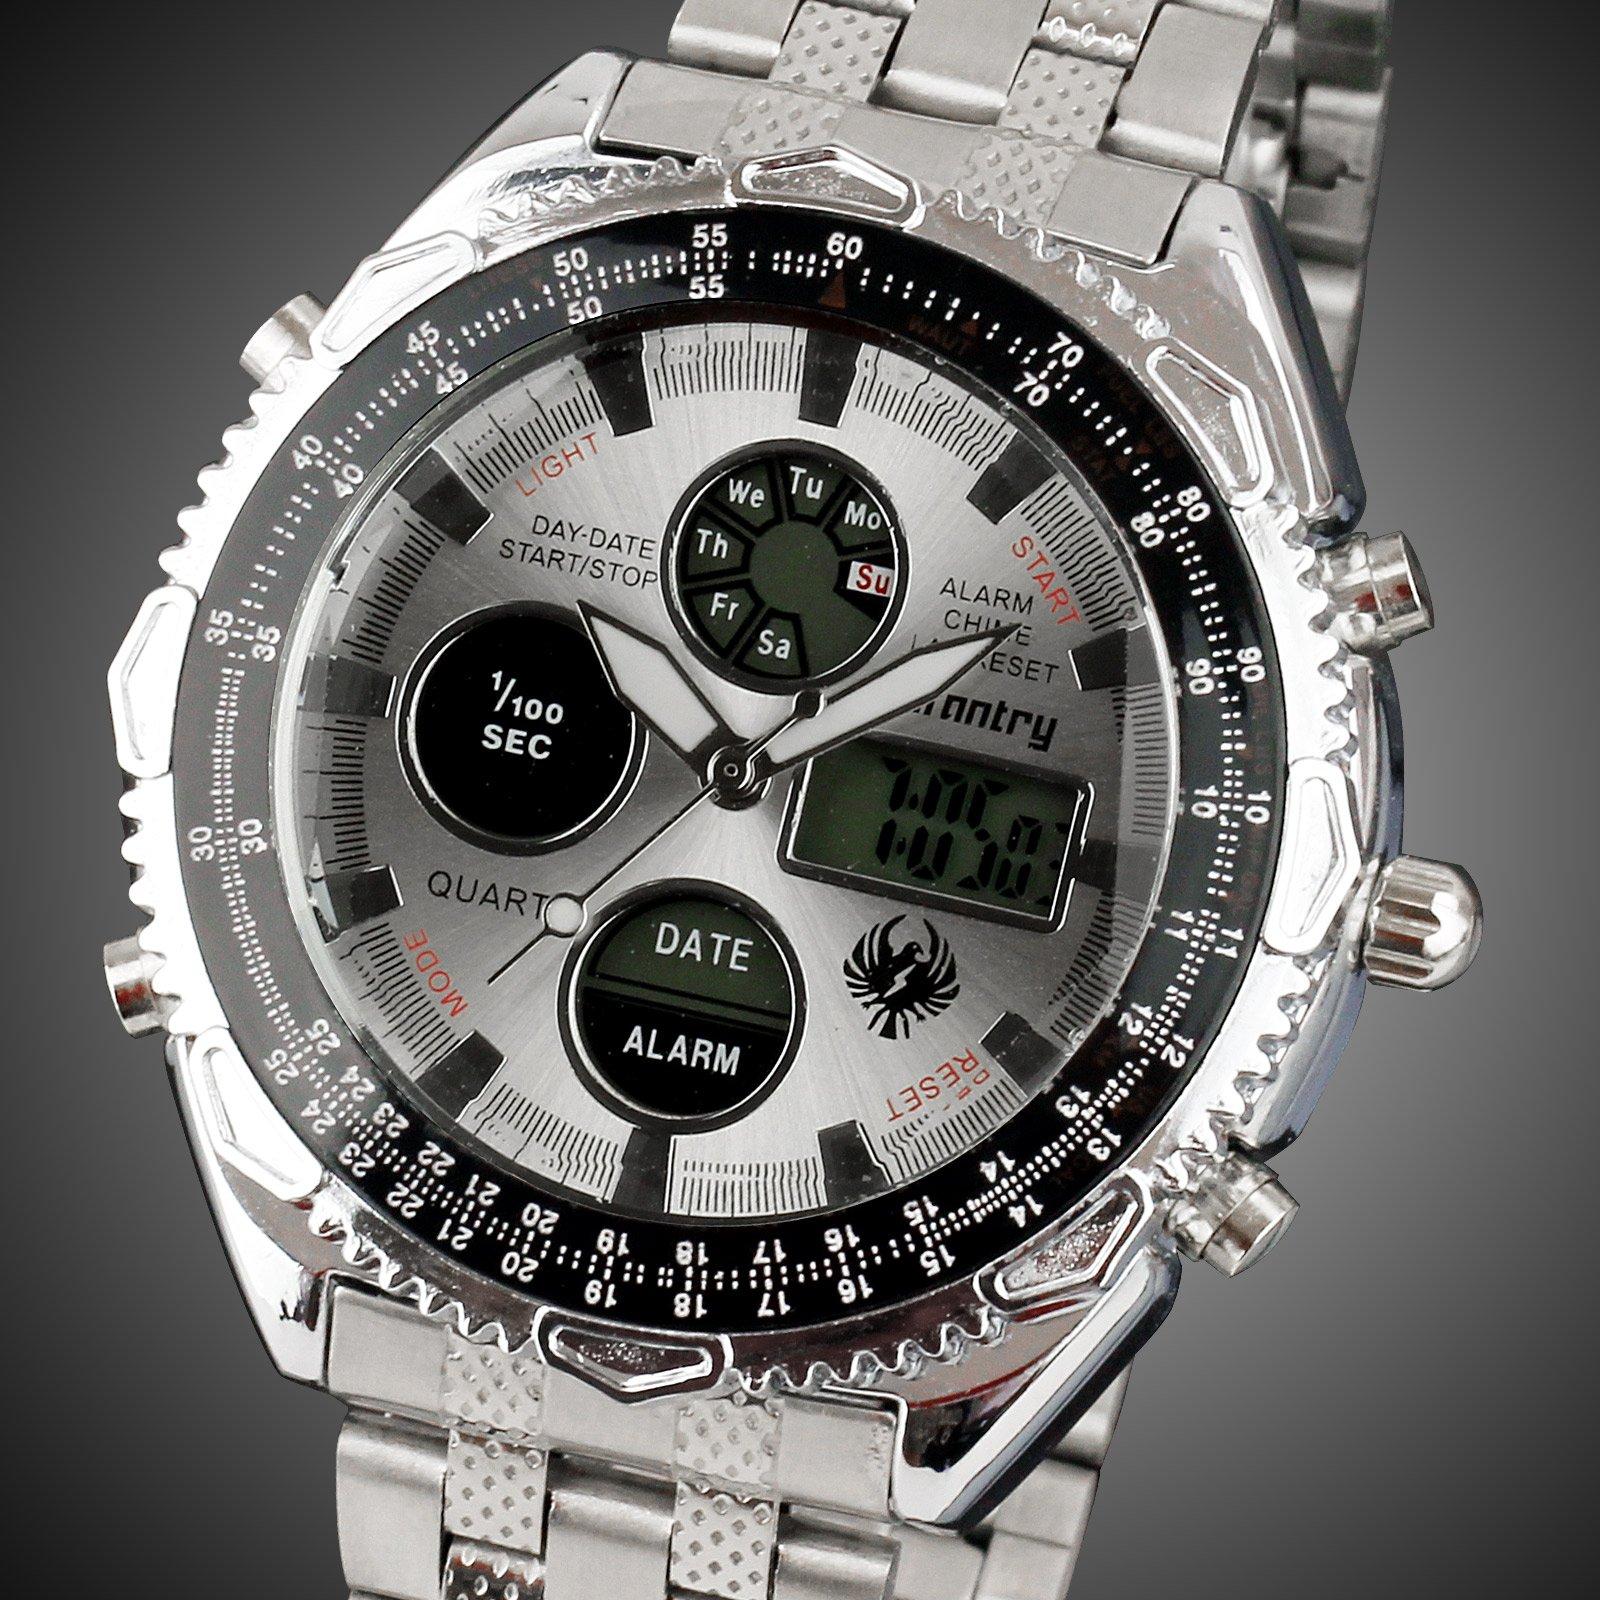 INFANTRY-MEN-039-S-LED-DIGITAL-ANALOG-WRIST-WATCH-Luminous-Stainless-Steel-Bracelet thumbnail 16